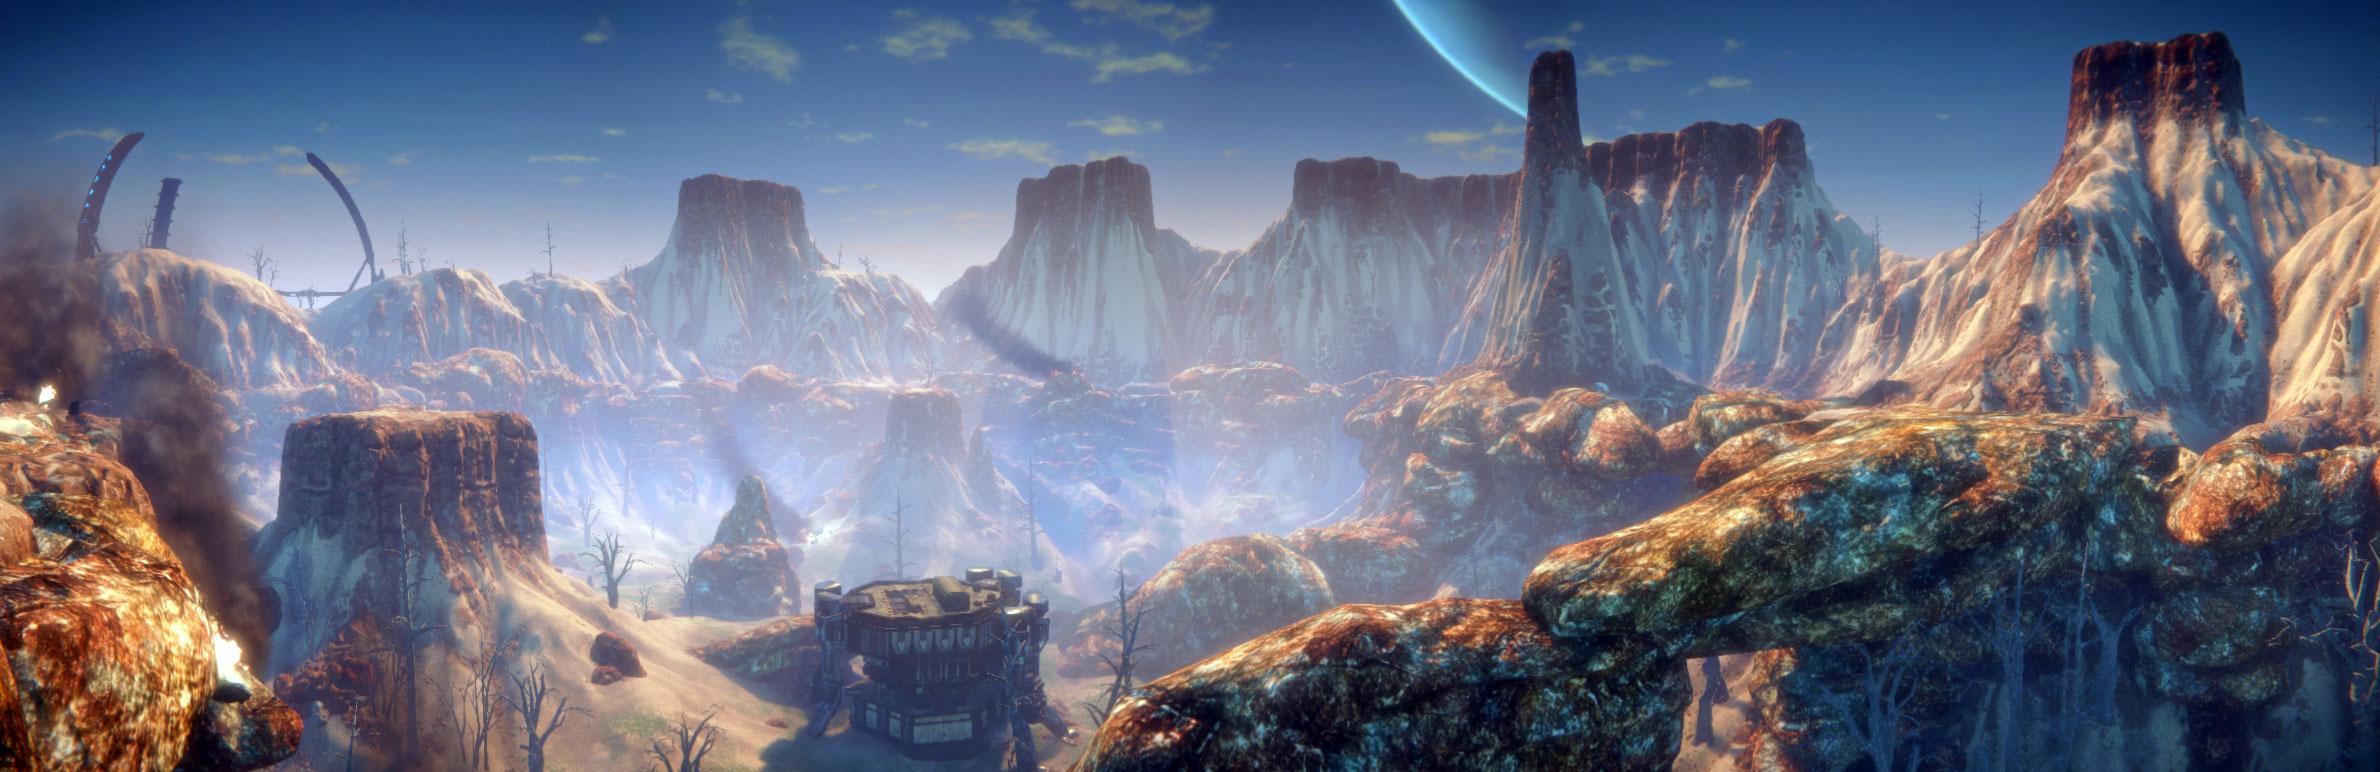 http://www.planetside2.com/uploads/dcsclient/000/000/000/044.jpg